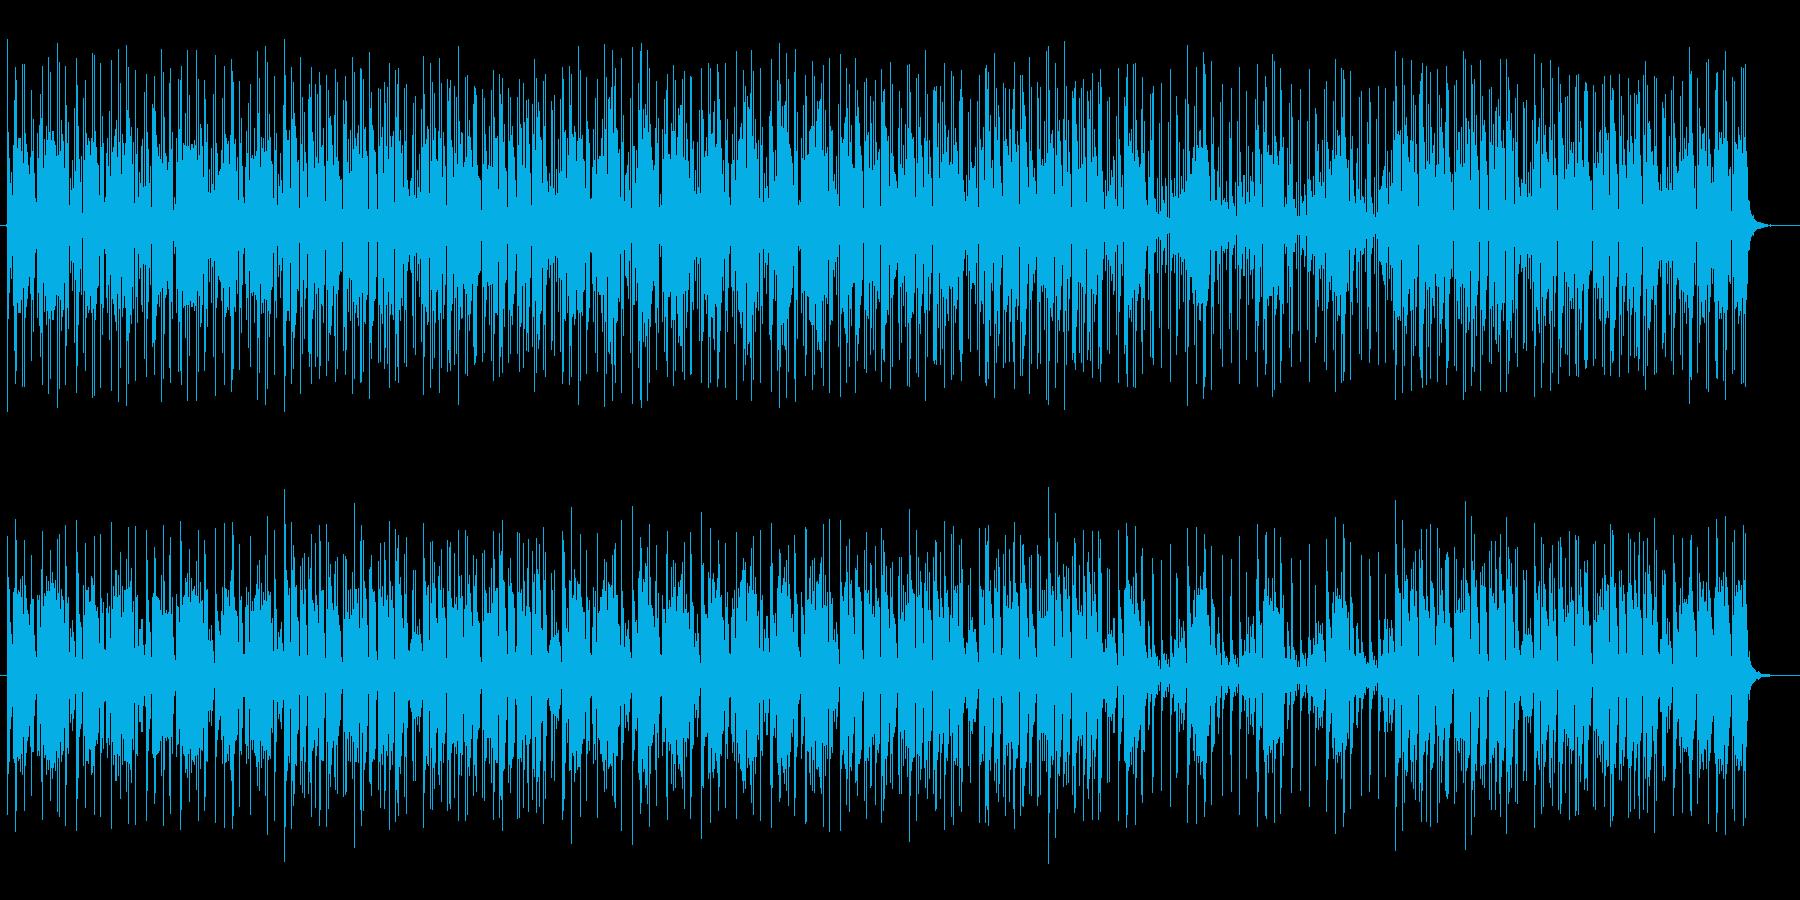 リズミカルで楽しく聴けるポップスの再生済みの波形